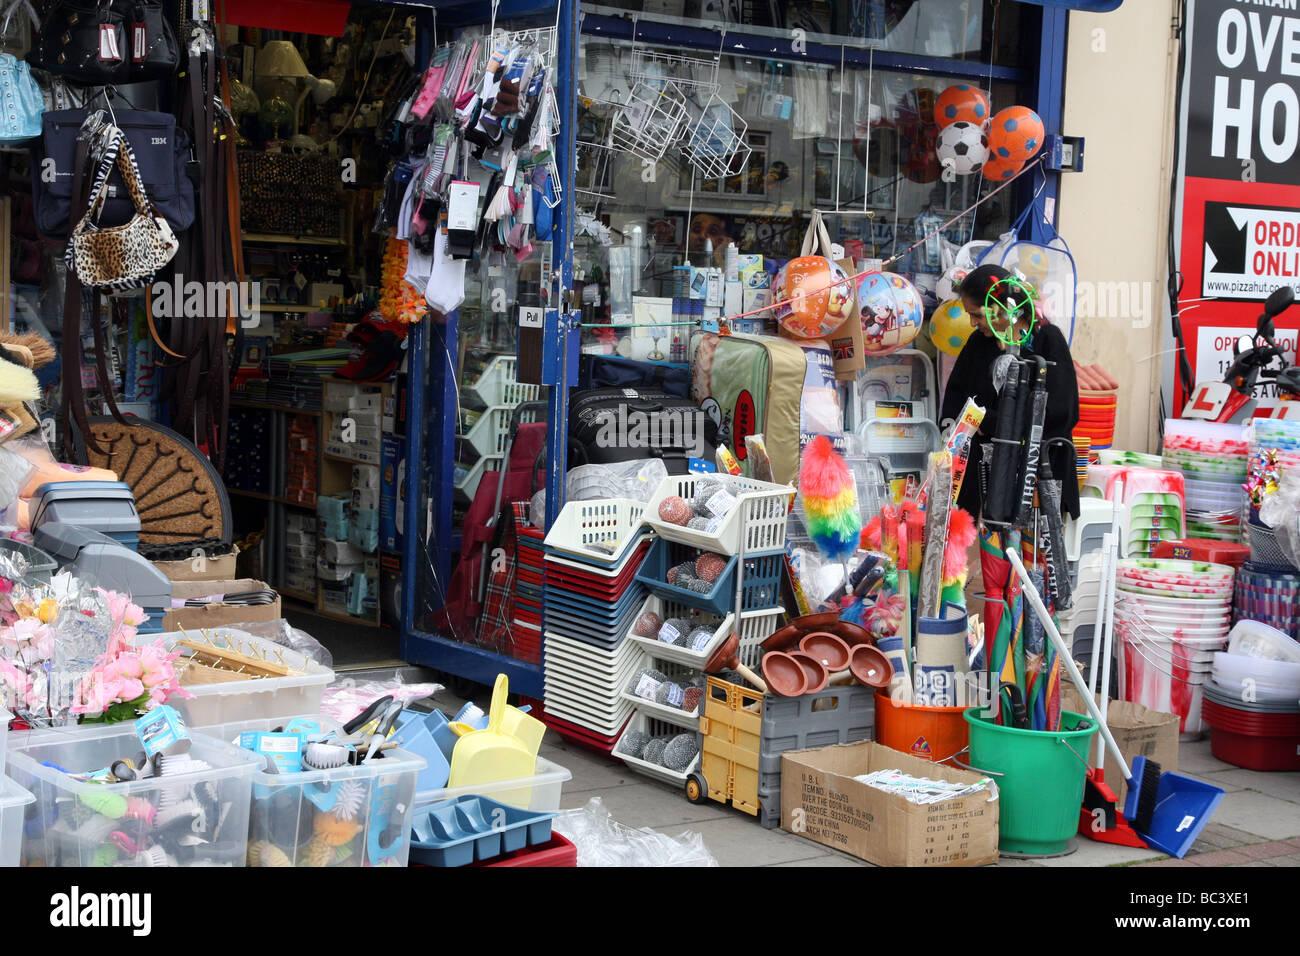 Pound shop on High Road, Kilburn, Londra, visualizzazione di beni economici per la vendita sul lato della strada. Immagini Stock